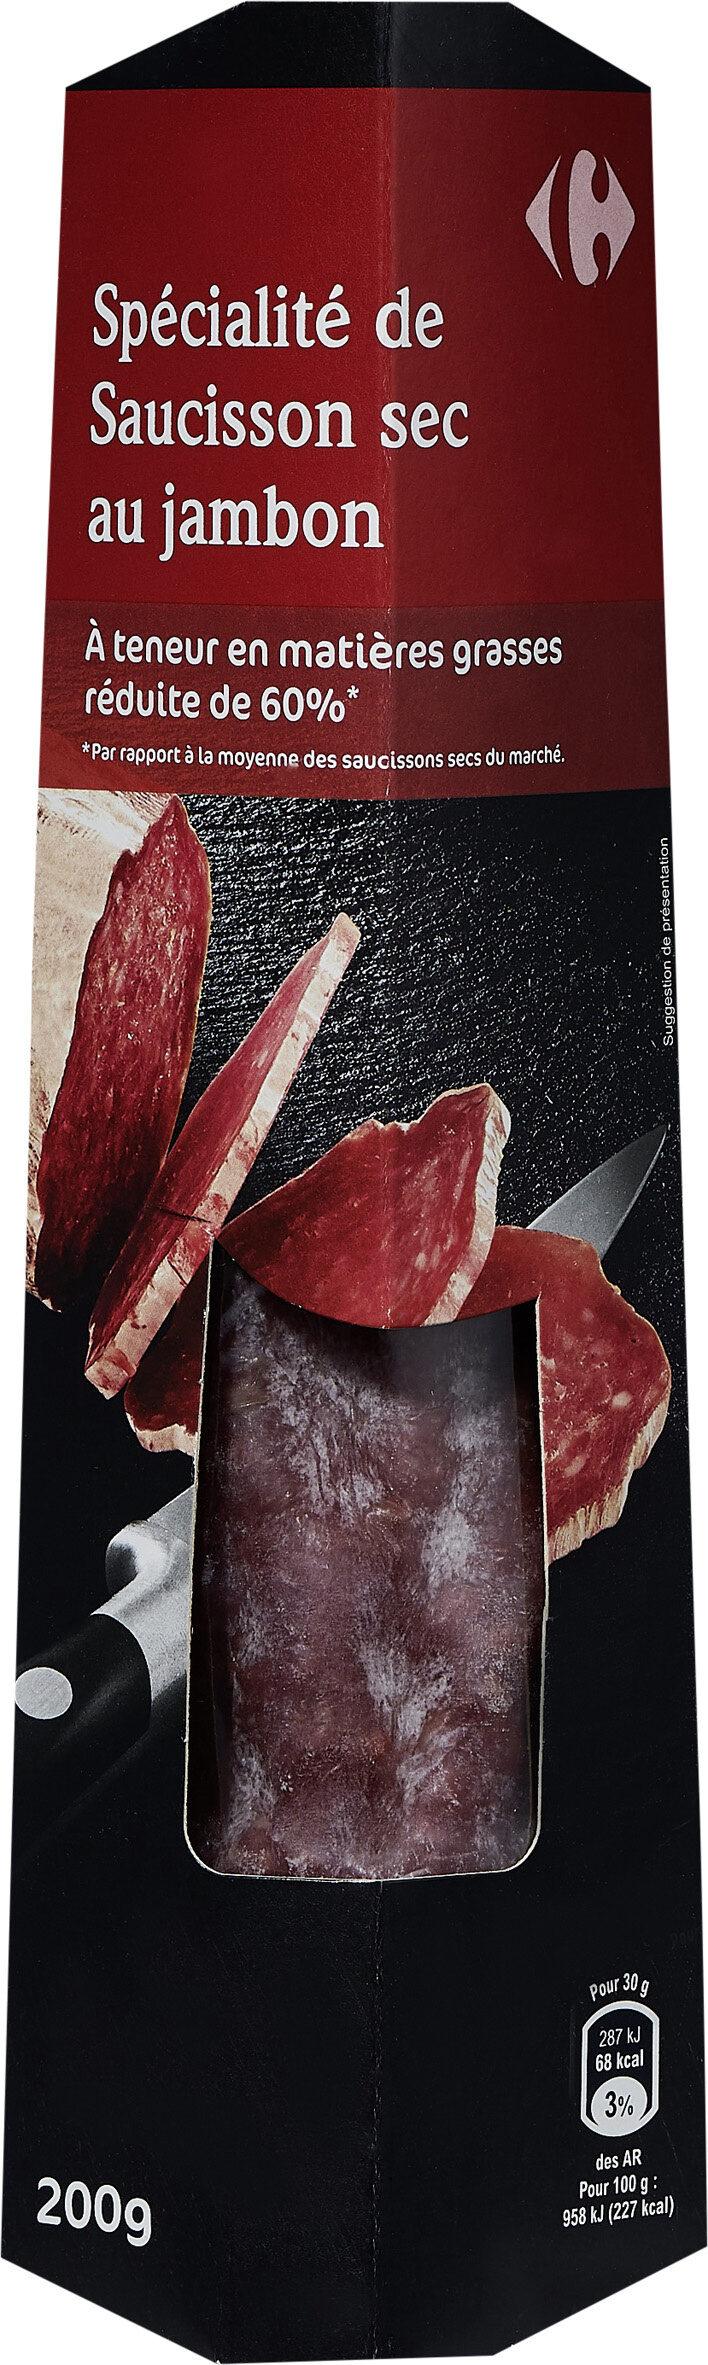 Spécialité de saucisson sec au jambon - Product - fr